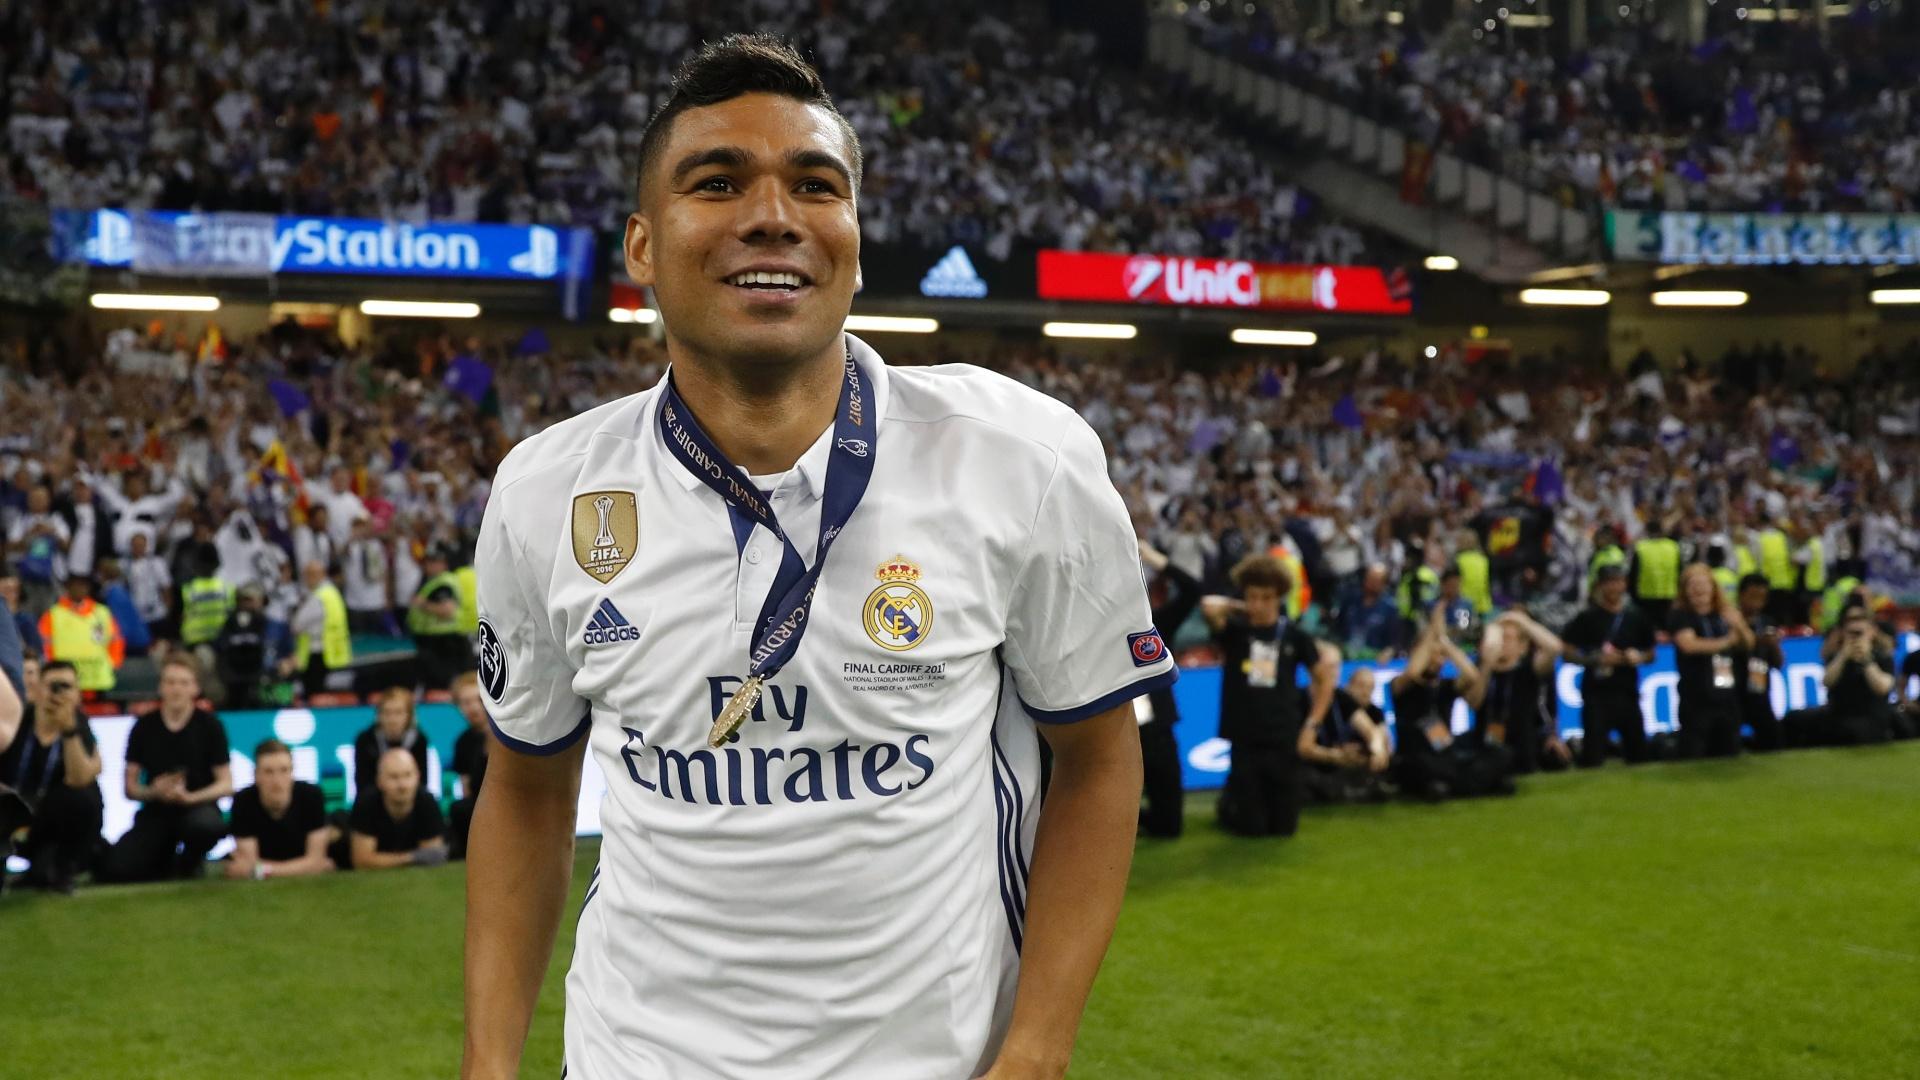 Casemiro comemora com a medalha de campeão da Champions League